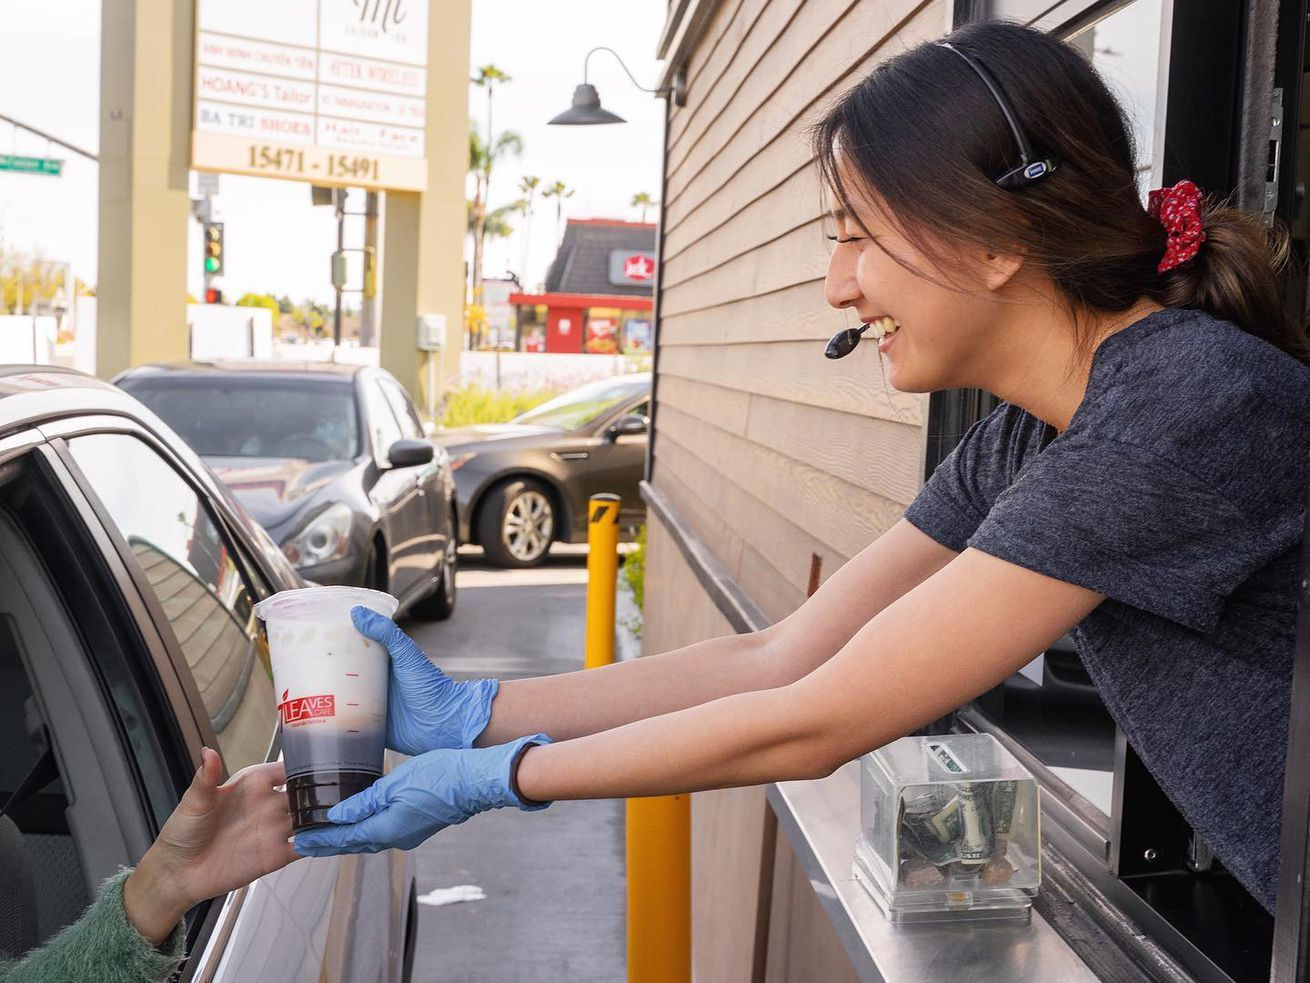 13 DriveThru Restaurants Going Beyond Burgers and Fries